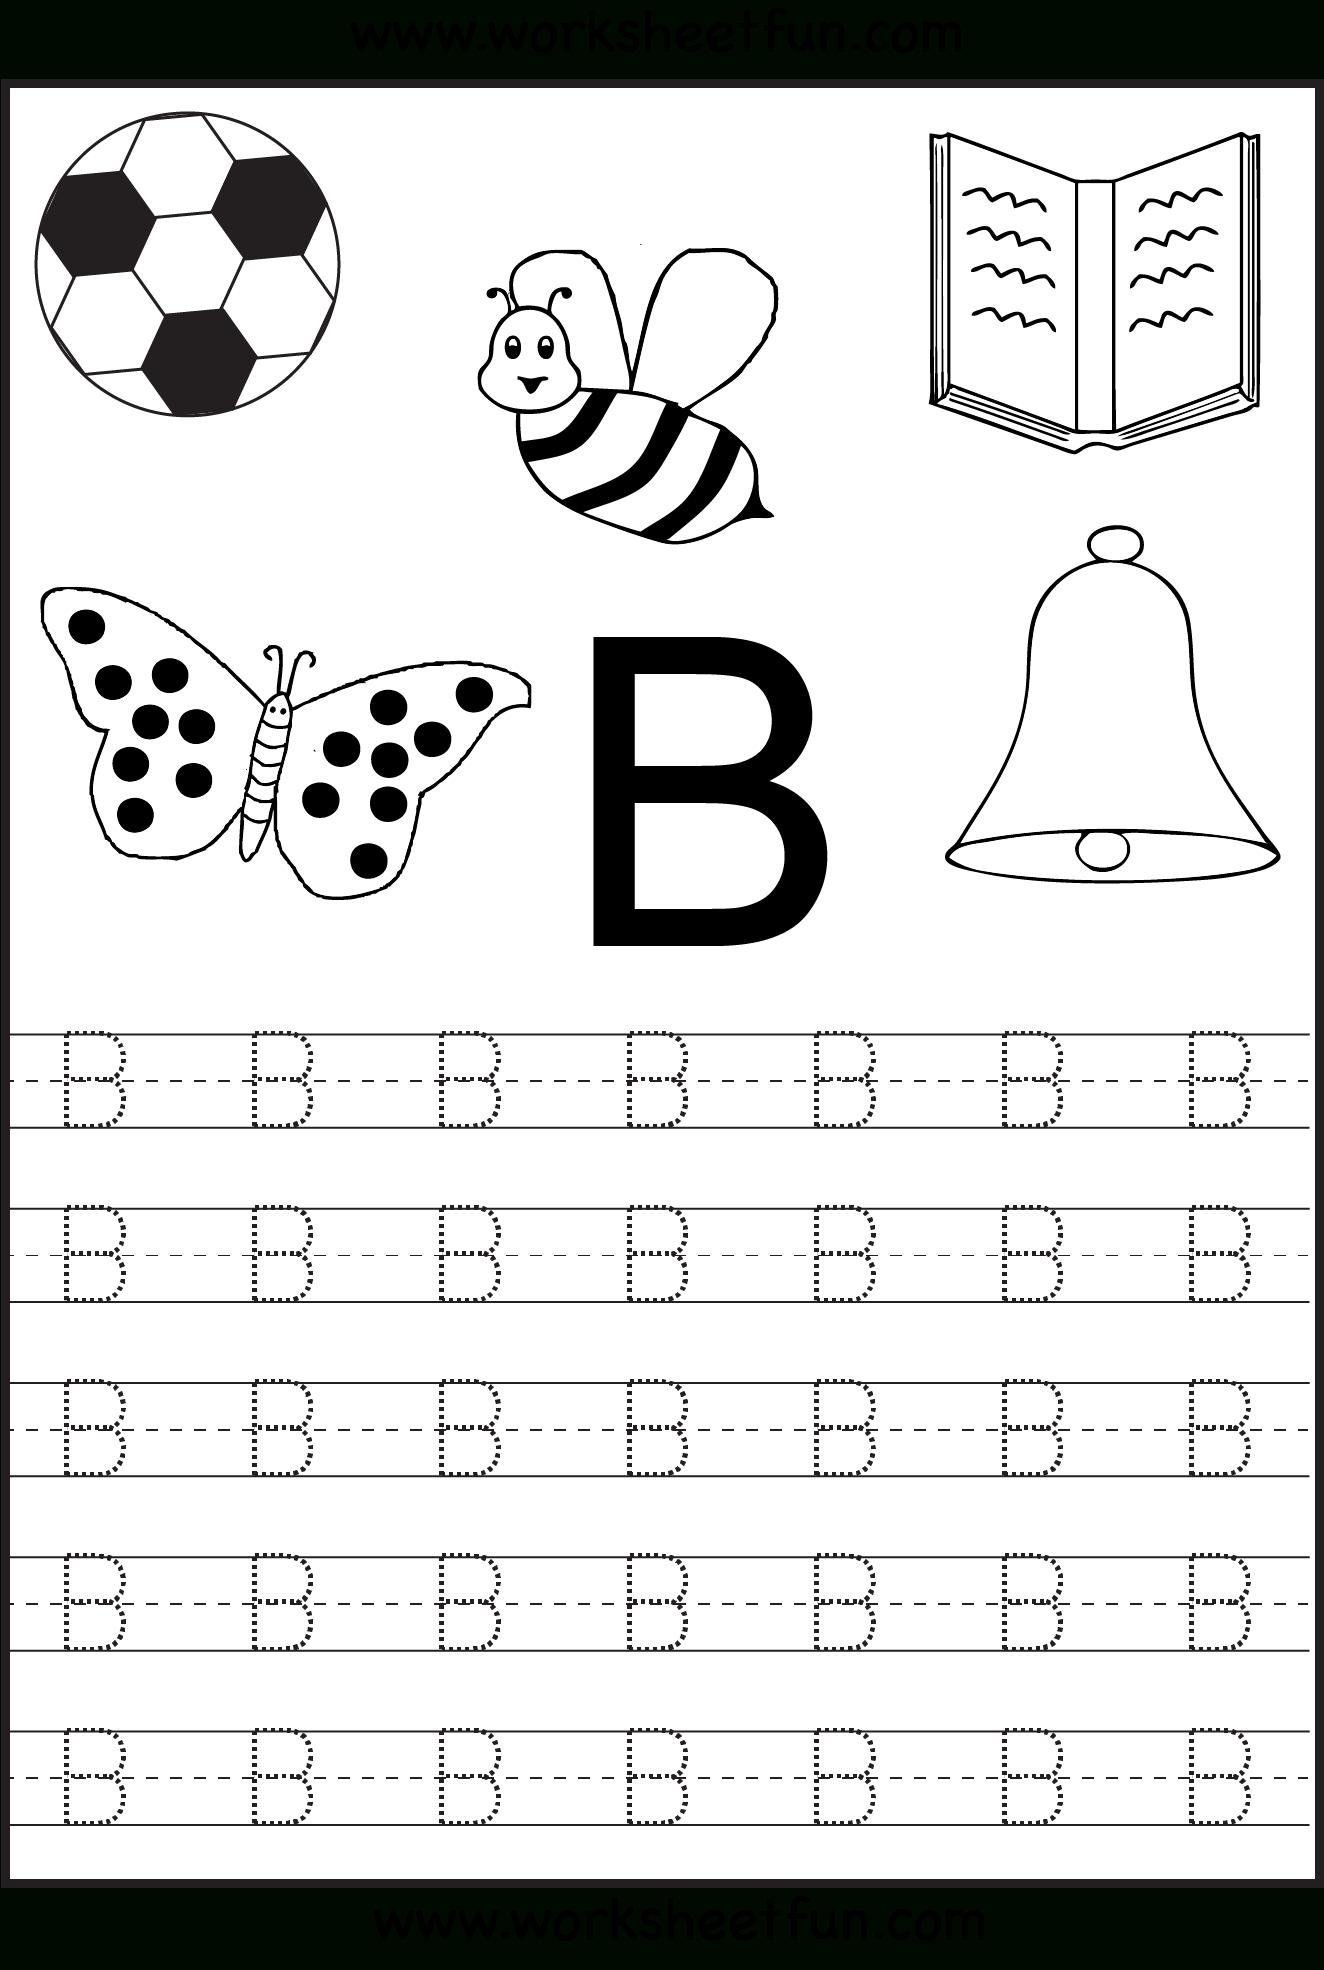 Free Printable Letter Tracing Worksheets For Kindergarten within Tracing Letters Worksheets For Kindergarten